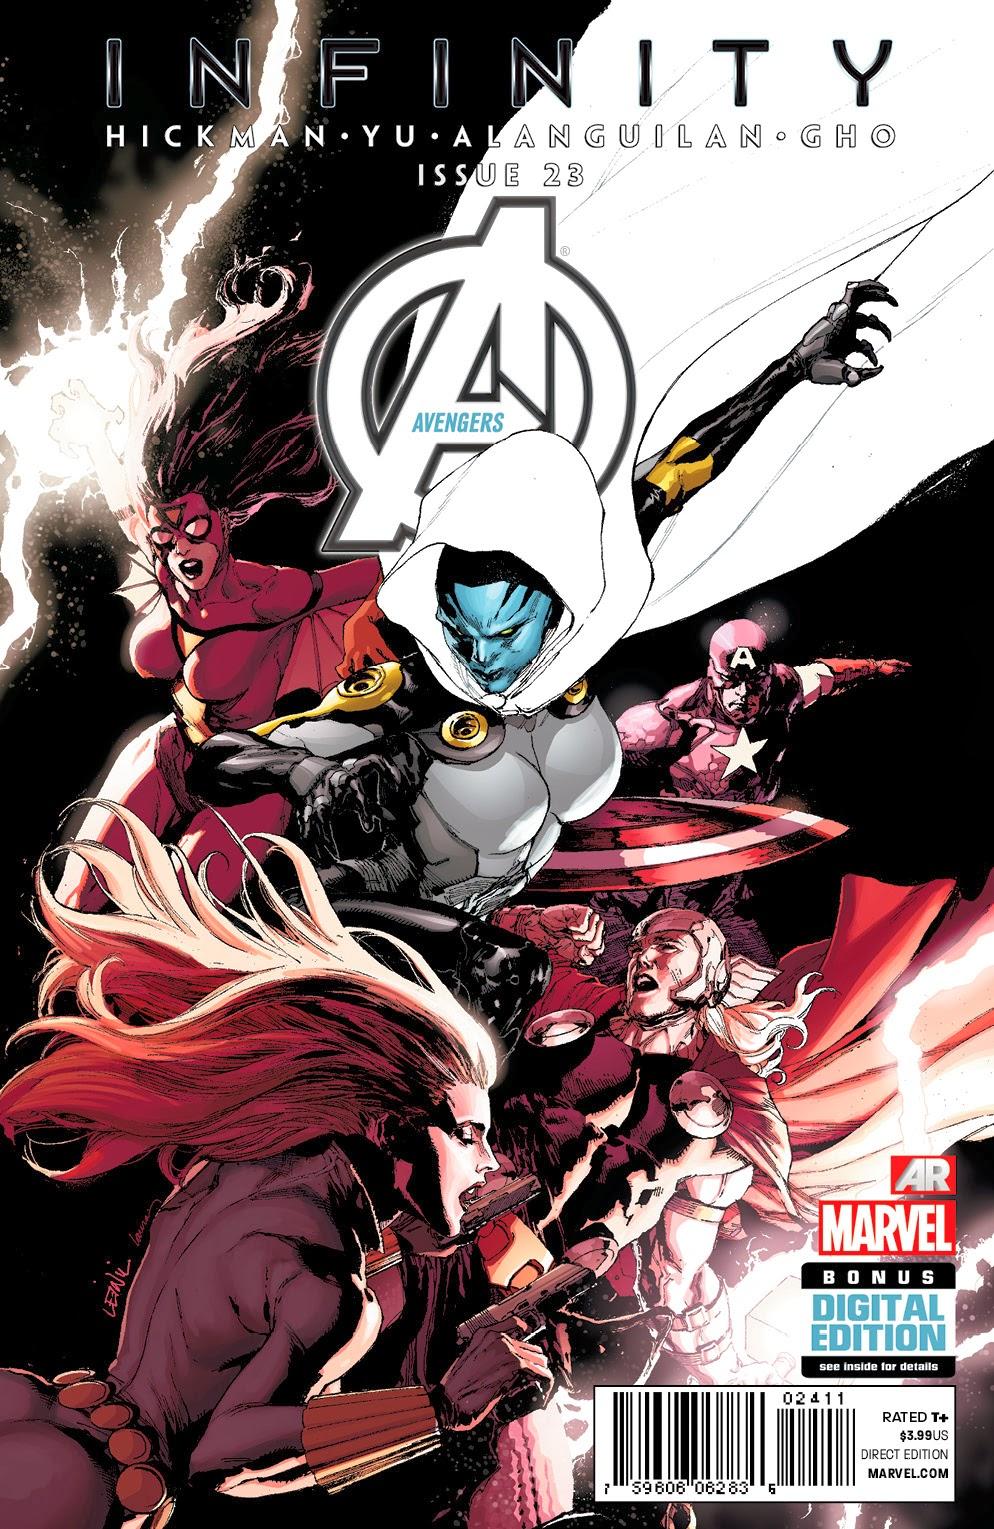 Avengers_vol_5_23jpg 9941529 avengers universe